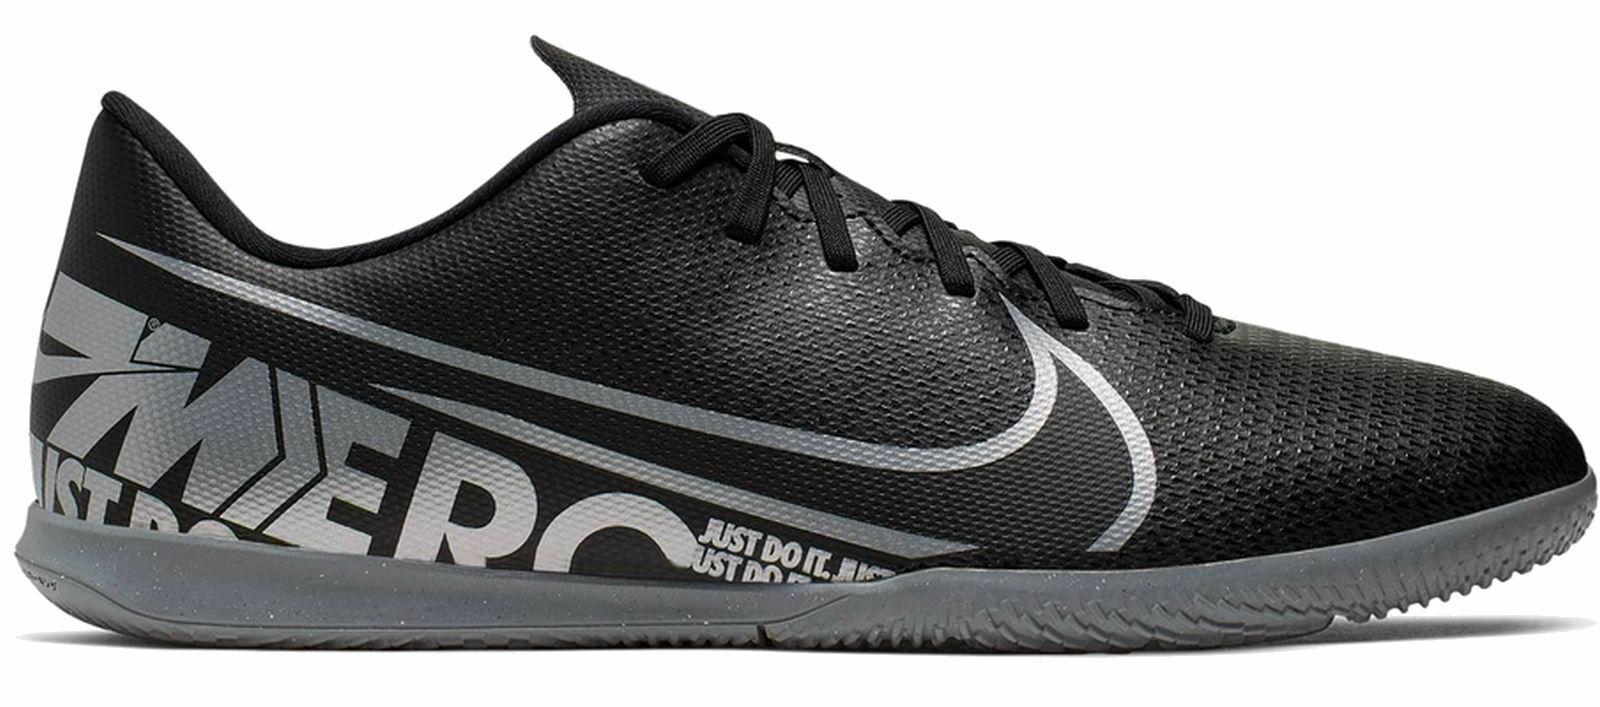 Nike Herren Hallenschuhe Fussballschuhe Nike Vapor 13 Club IC schwarz grau